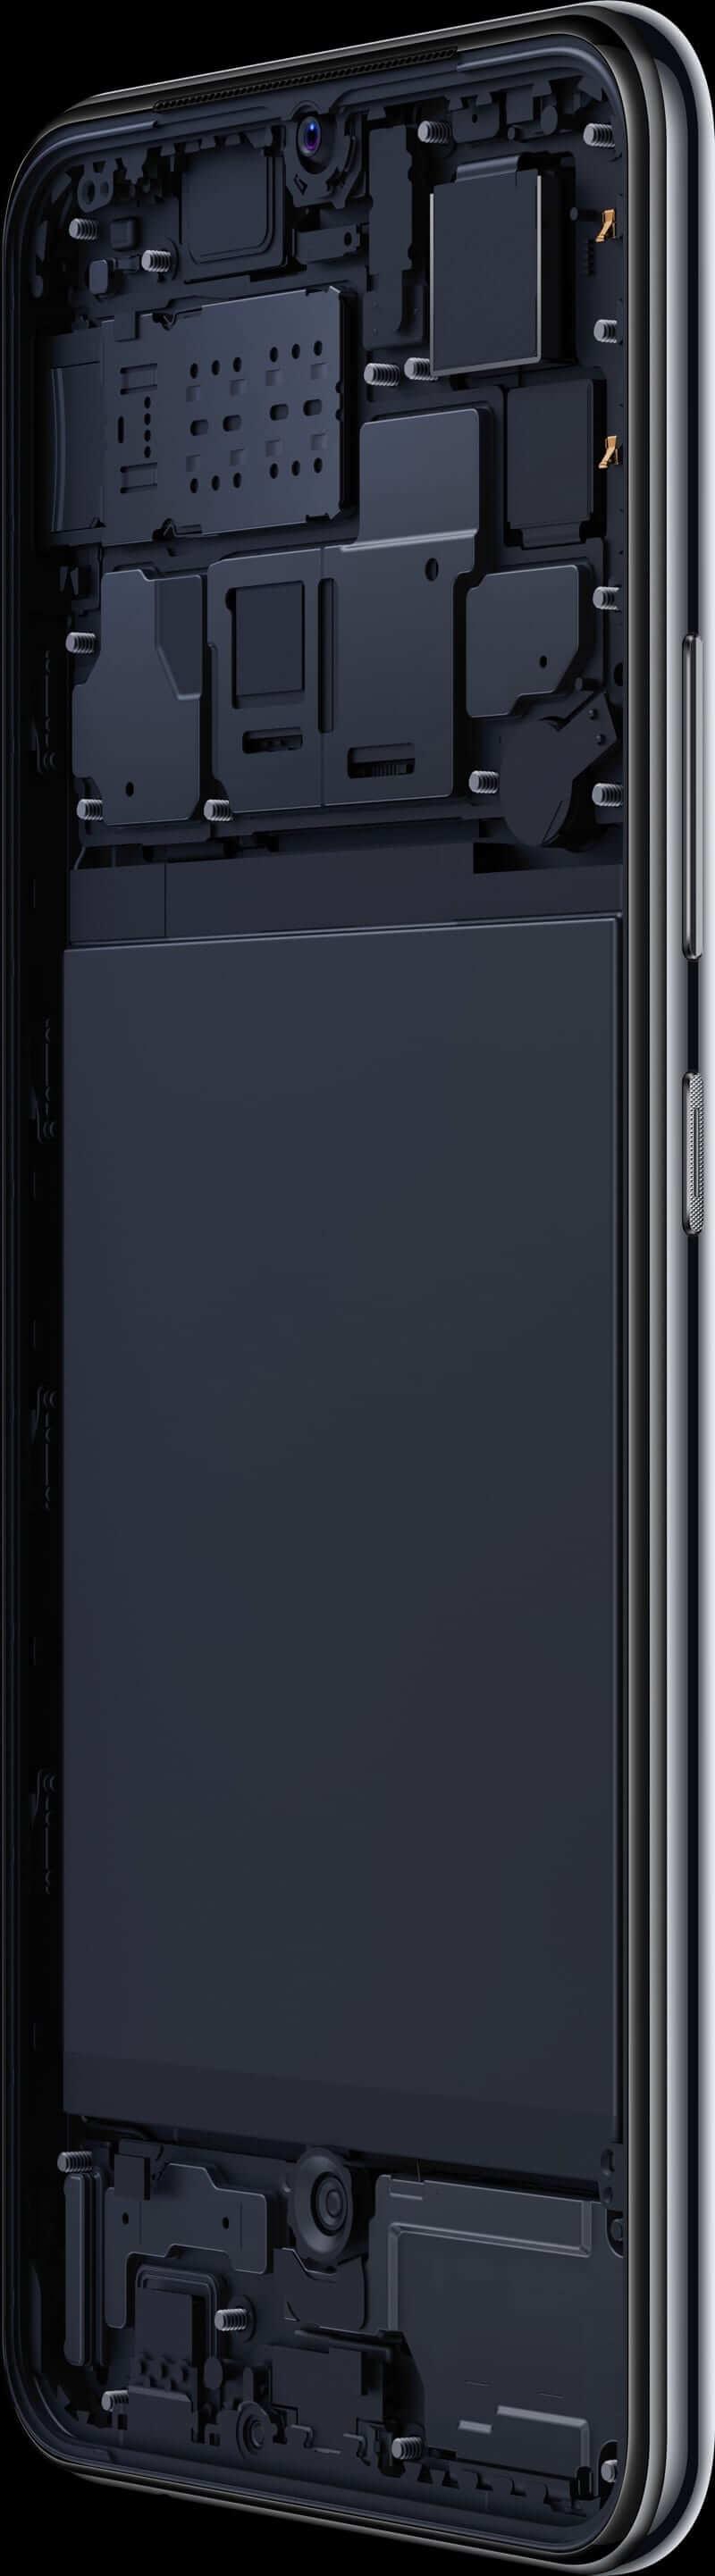 Vivo V20 processor